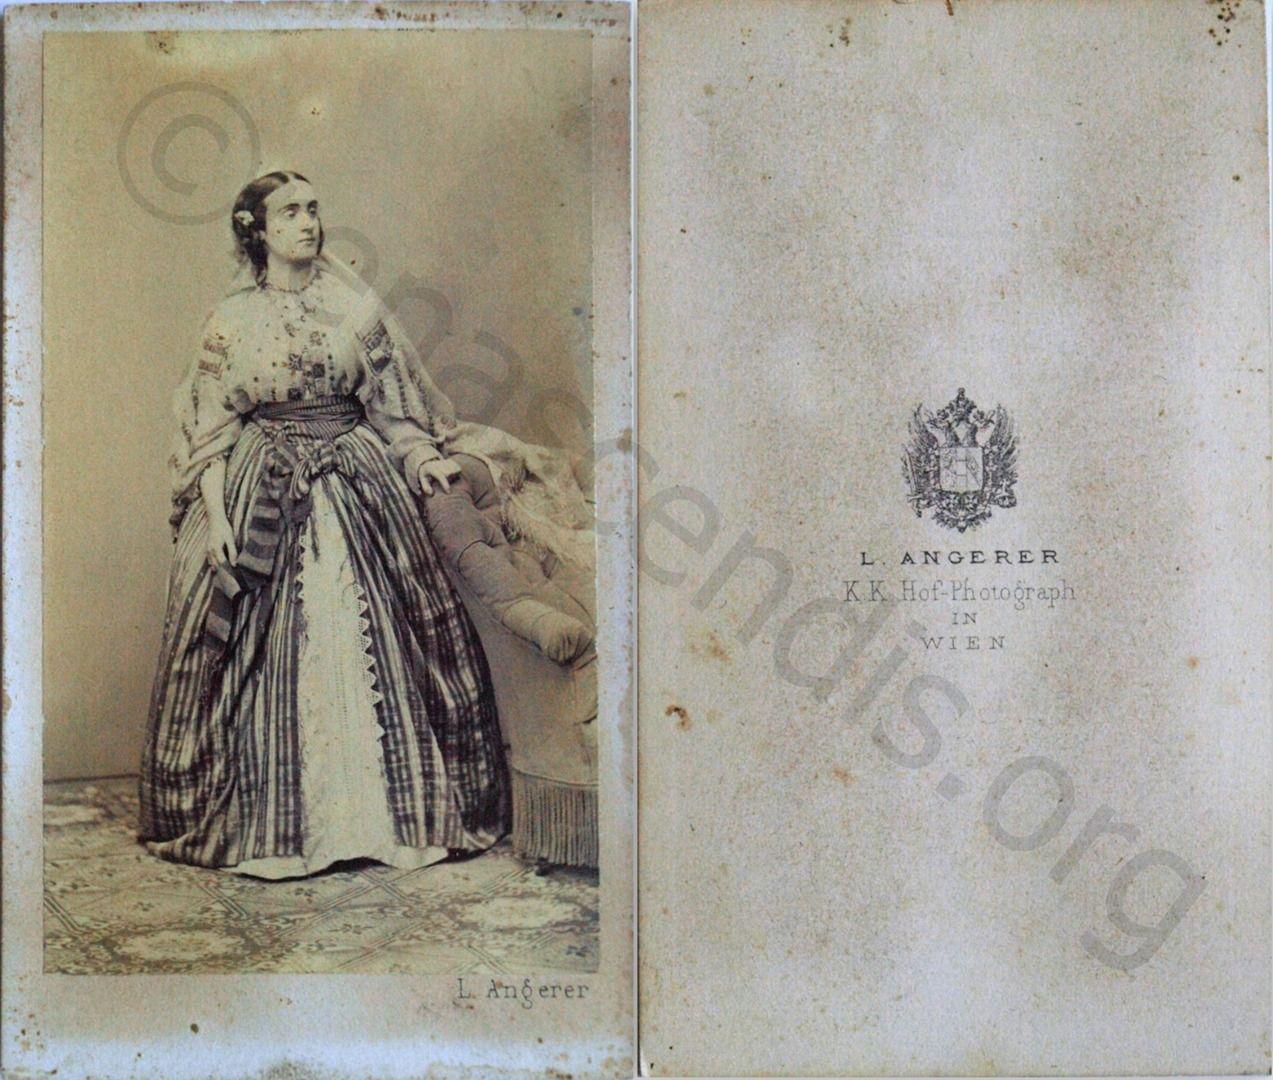 Fotografie, portret de femeie în vestimentaţie sud-est europeană, atelier Ludwig Angerer, circa 1861-1862, Viena, Austria, 6,2x10,5 cm